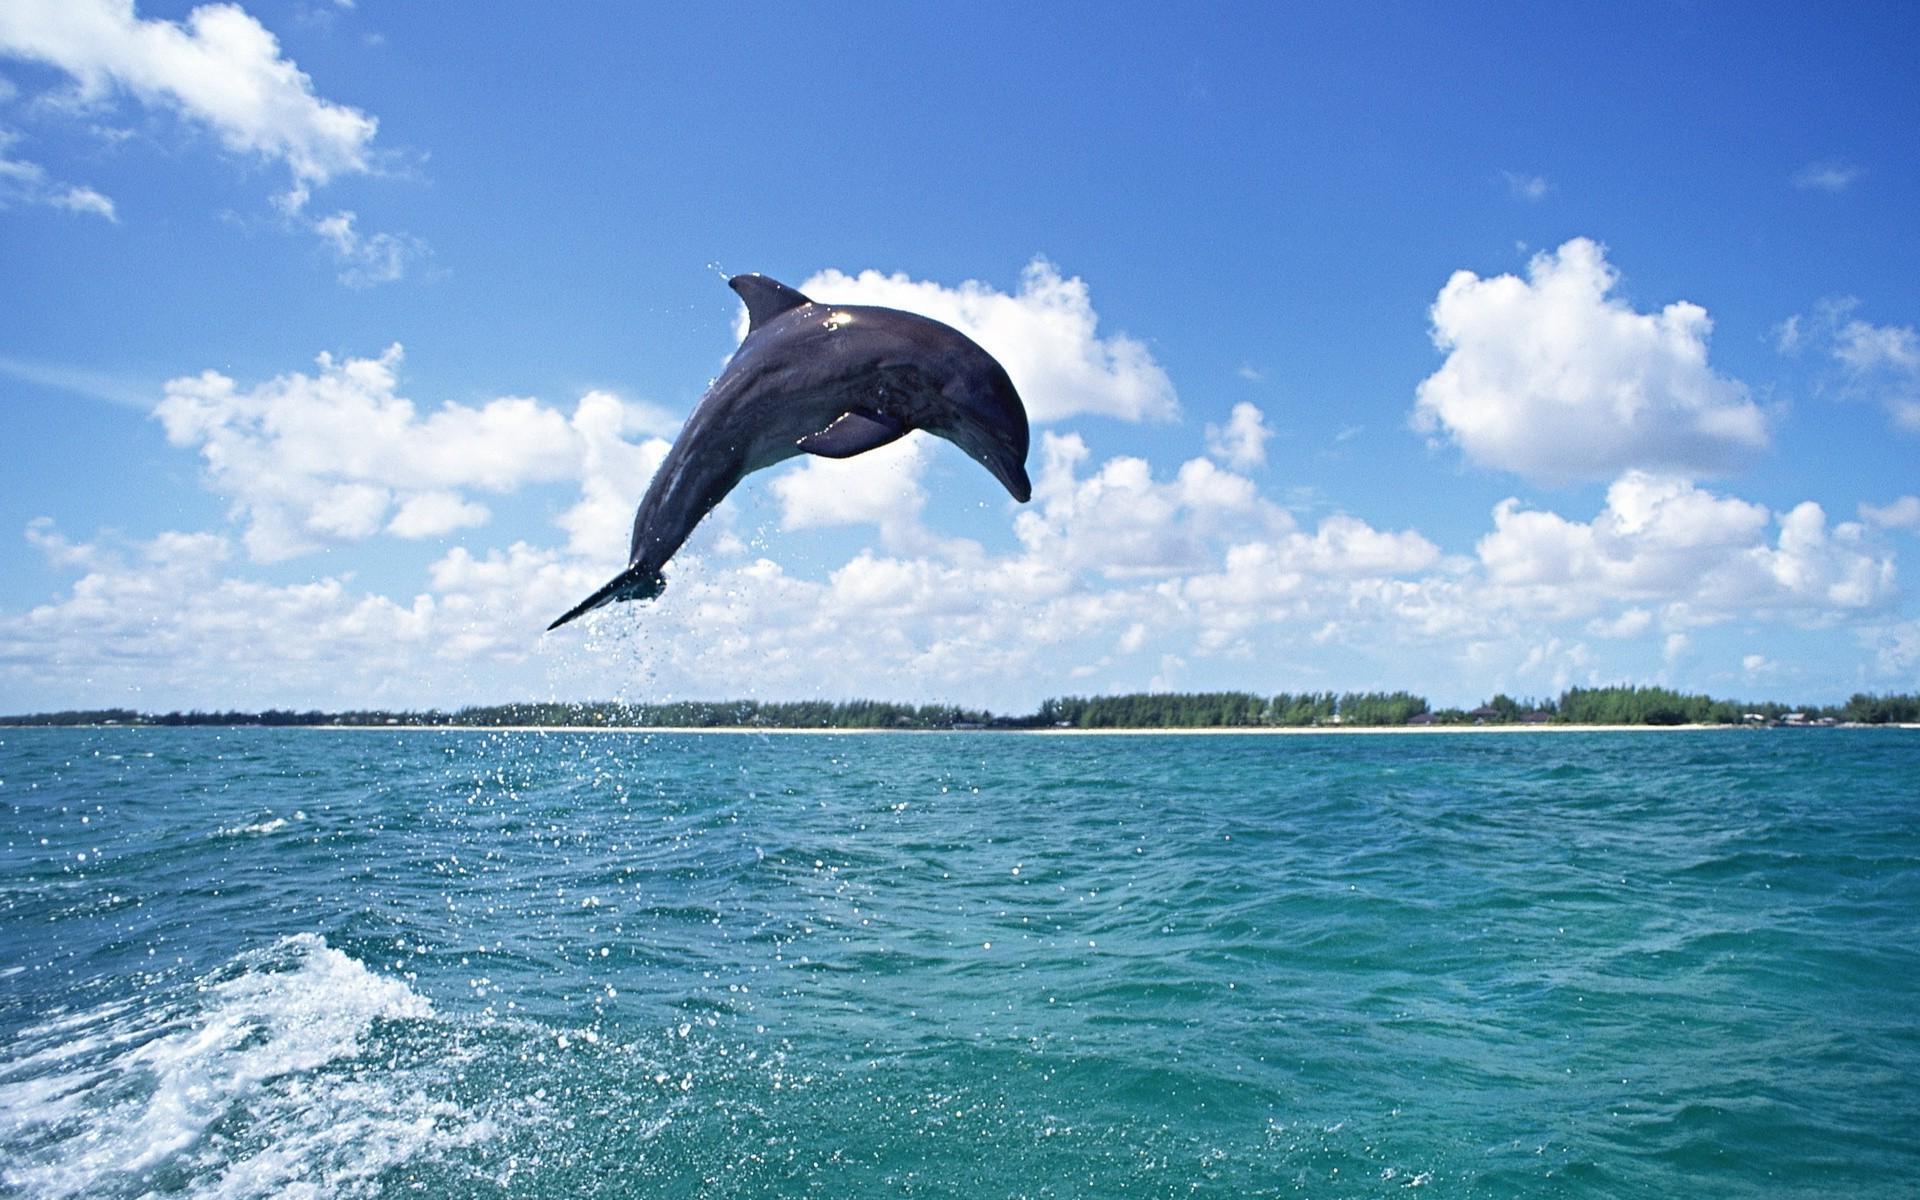 Картинки с дельфином в море